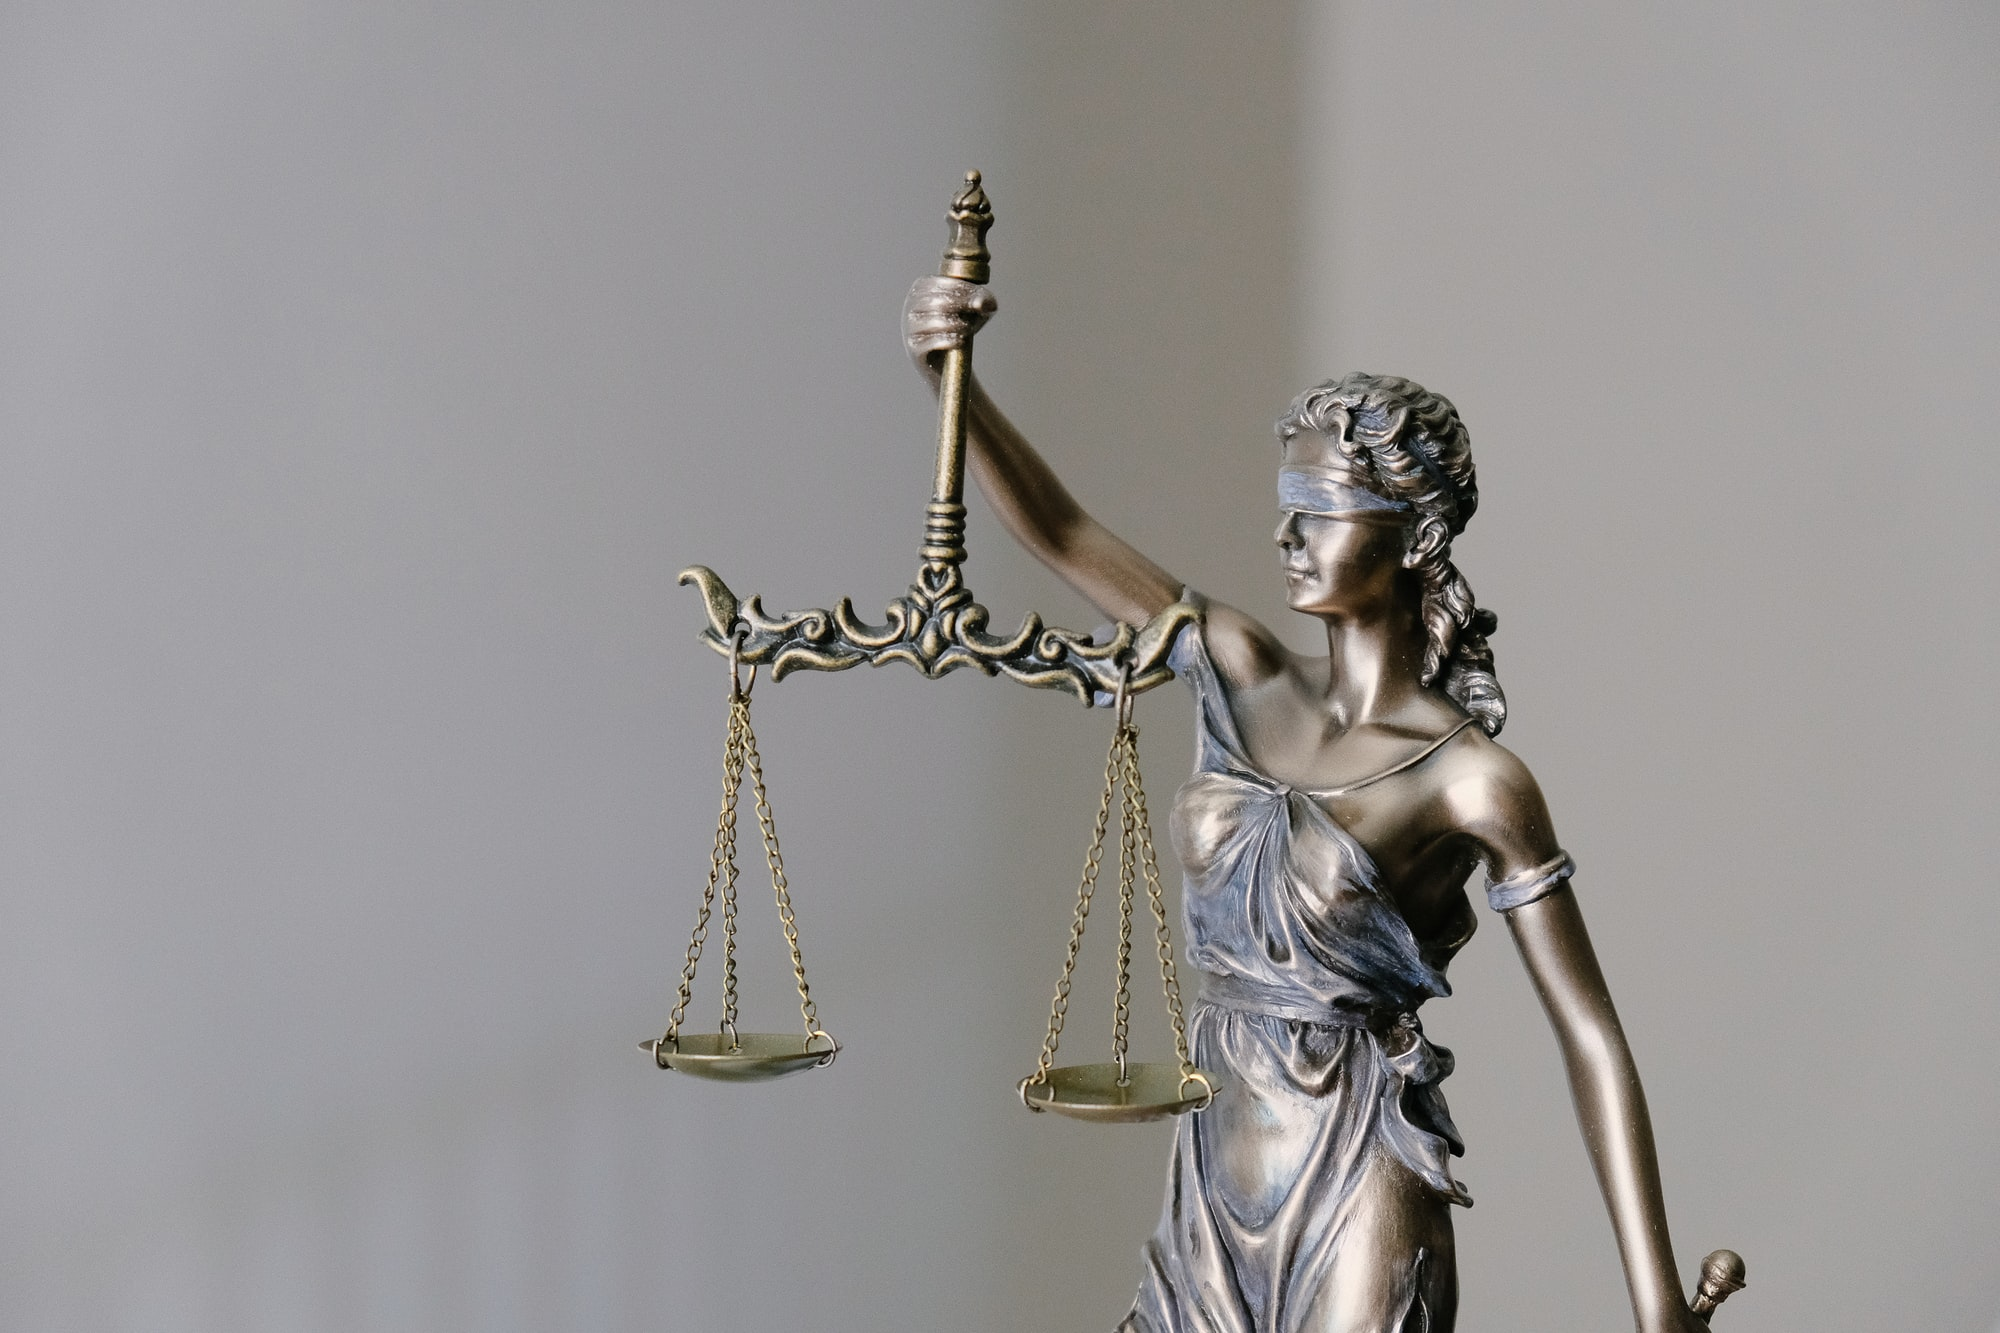 Gestion d'un objet trouvé dans un lieu public (établissements recevant du public, collectivités): que dit la loi ?